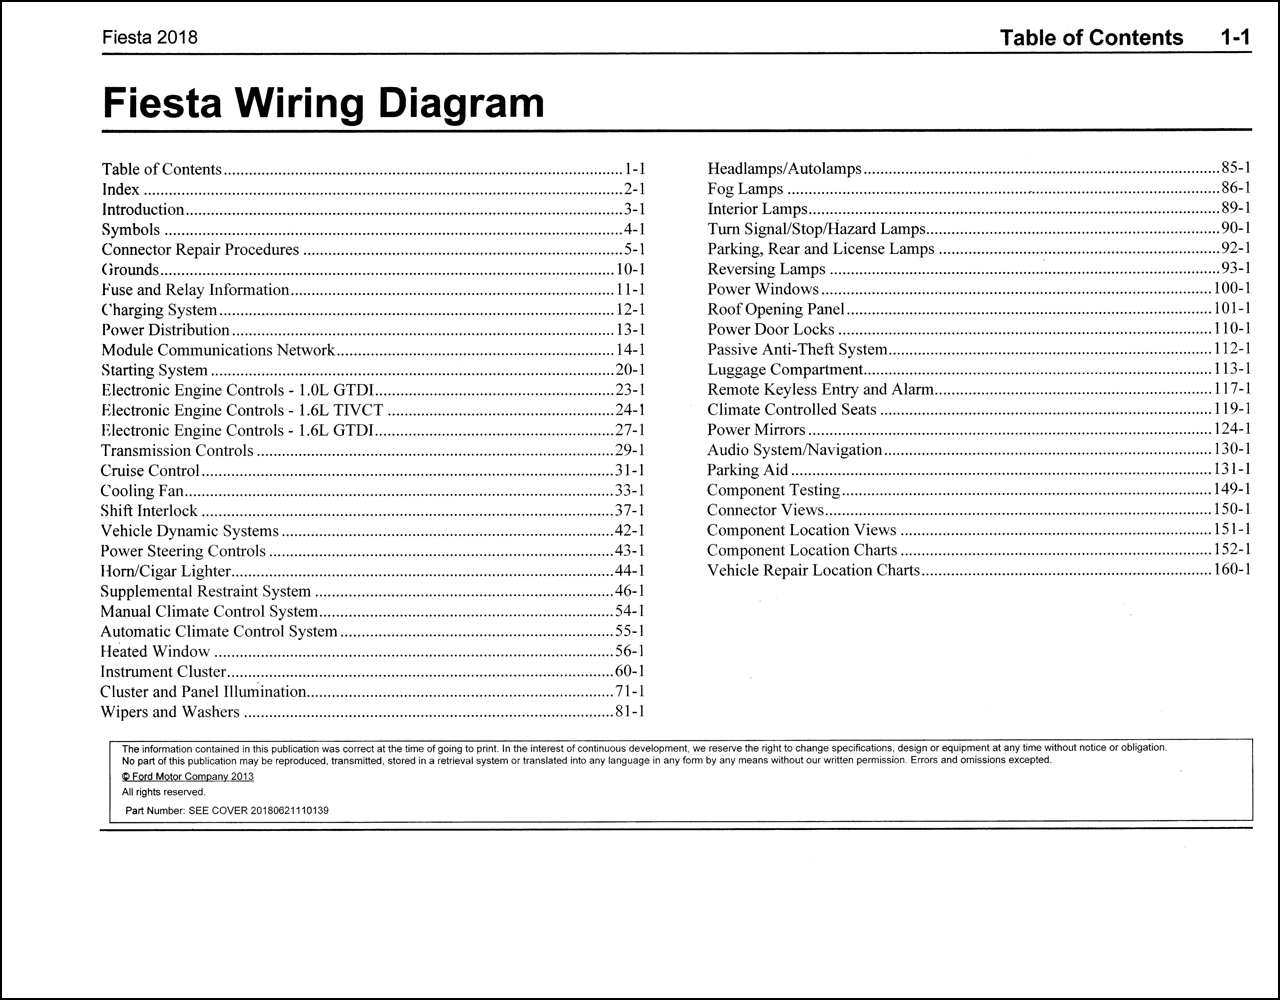 2018 Ford Fiesta Wiring Diagram Manual Original